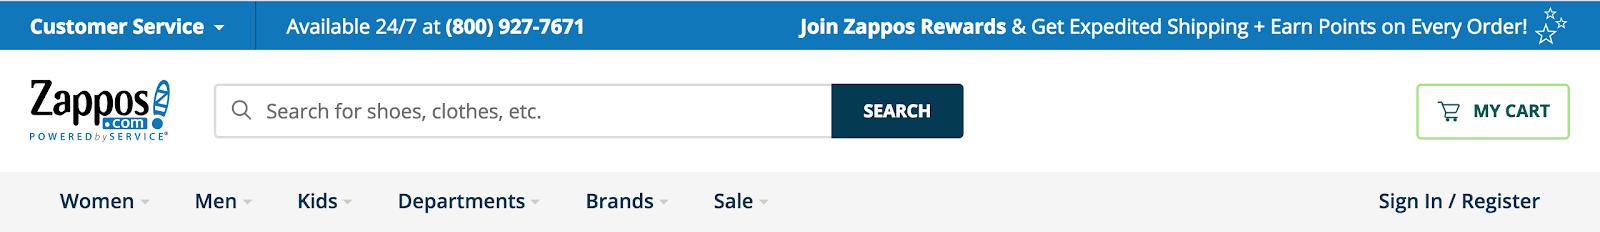 Bandeau d'accueil du site de Zappos en août 2018